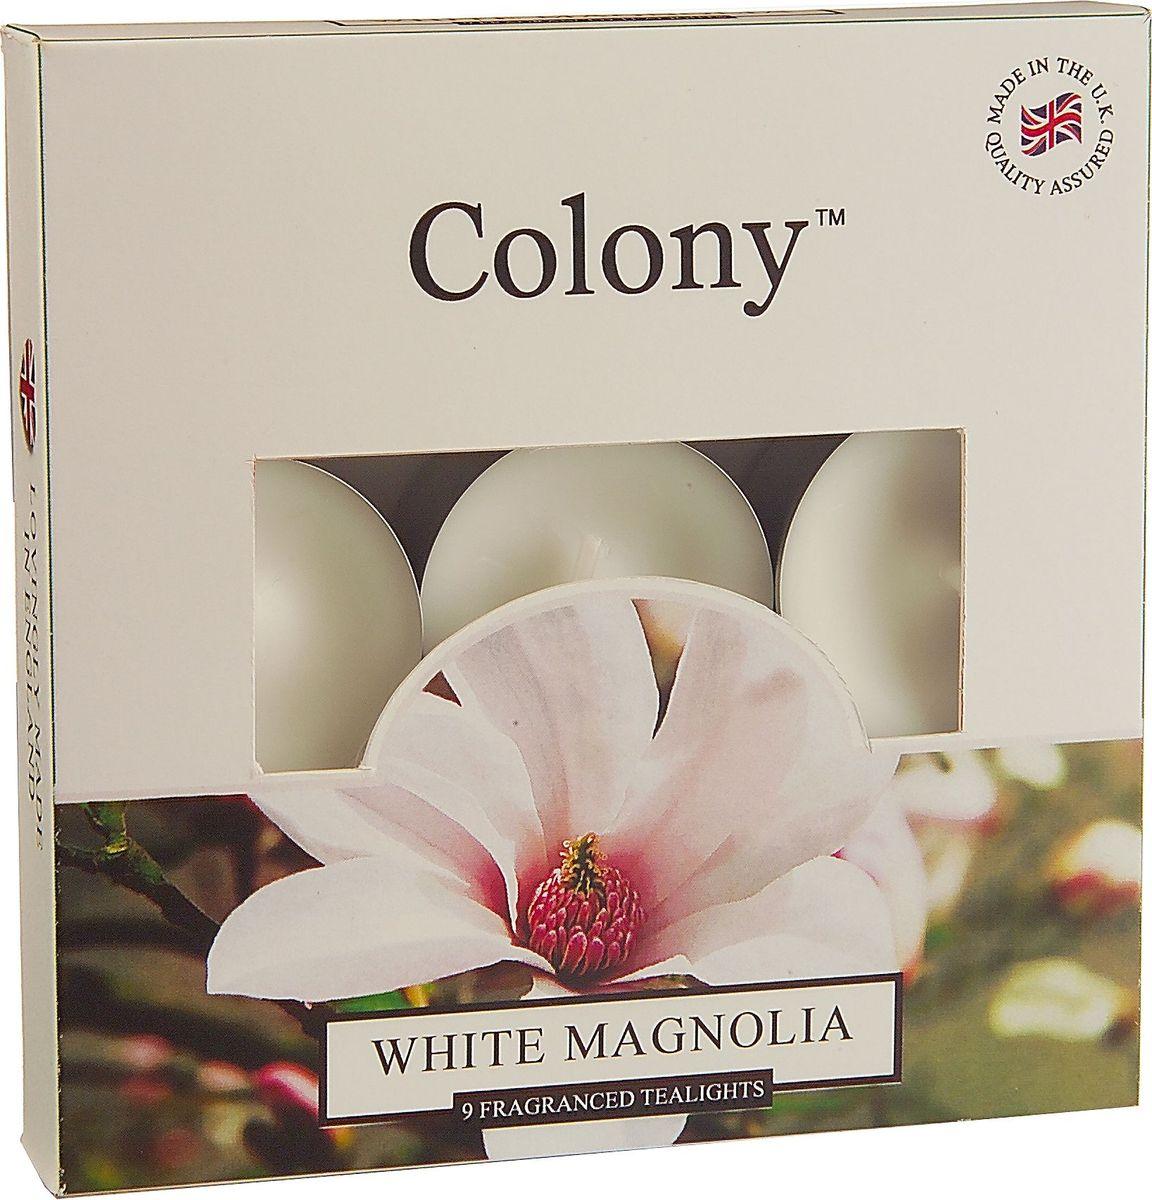 """Набор ароматических чайных свечей Wax Lyrical """"Белая магнолия"""". Невероятно богатый,  изумительно красивый цветочный букет из белой магнолии, гардении, фрезии, розовой сирени и  бутонов розы на основе ароматов персика, сандала, деликатных специй и чувственного мускуса.   Как пользоваться свечами?   Перед каждым зажжением свечи подрезайте фитиль, его оптимальная высота 5-6 мм;  при  первом зажигании, дайте поверхности свечи полностью расплавиться;   ставьте зажженную свечу на ровную поверхность."""